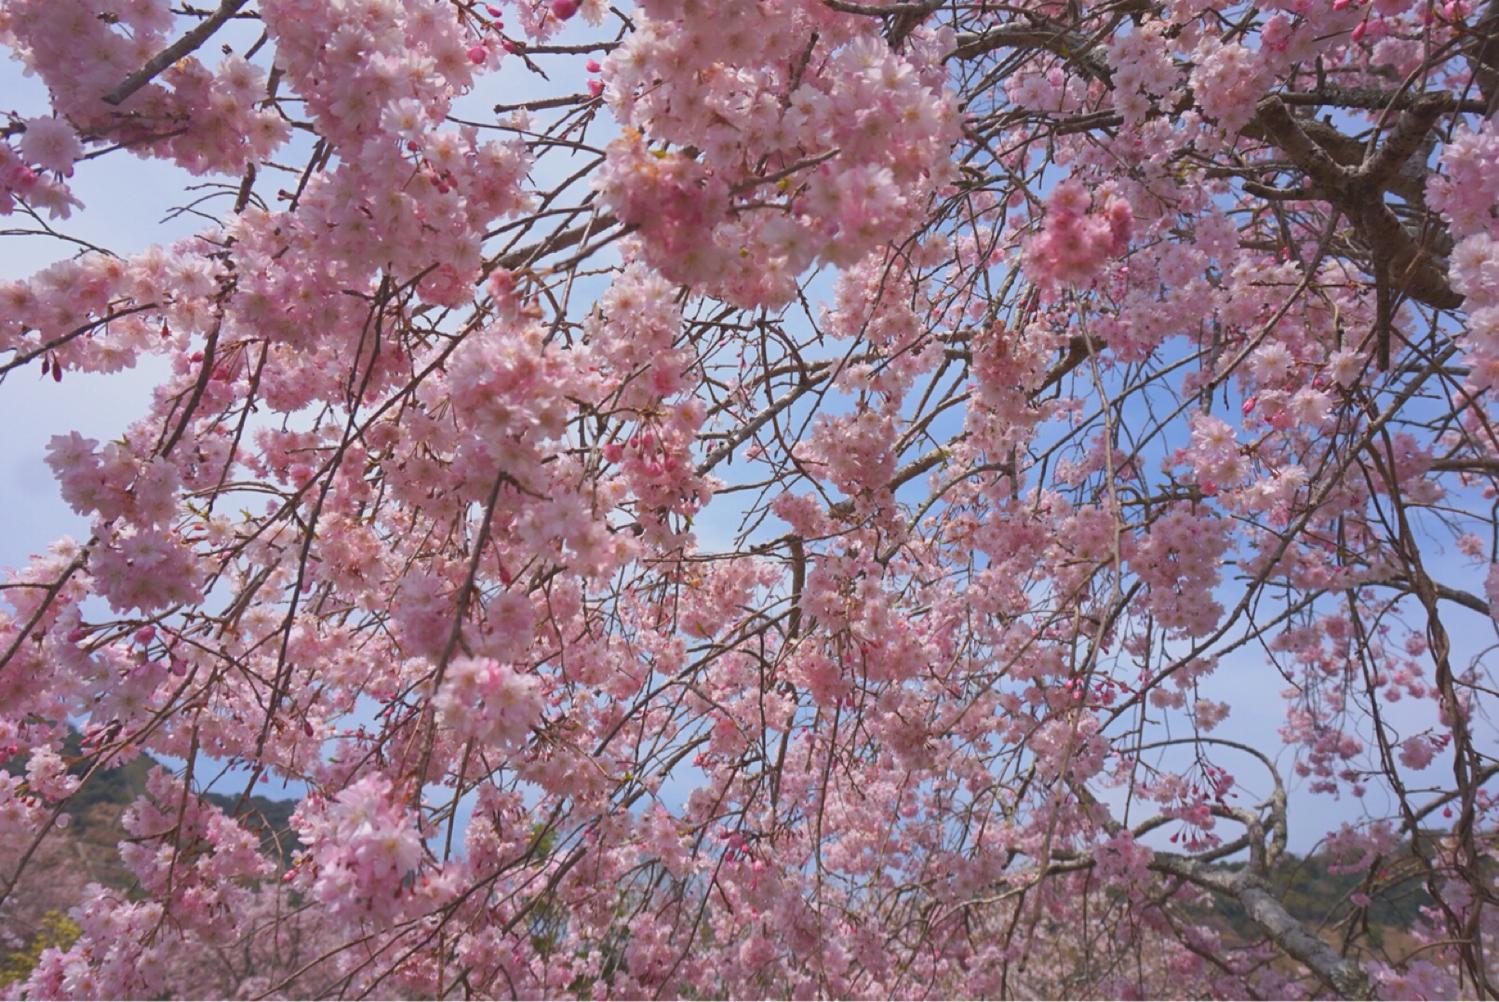 春:甘い香りが漂ってくるスイートな季節